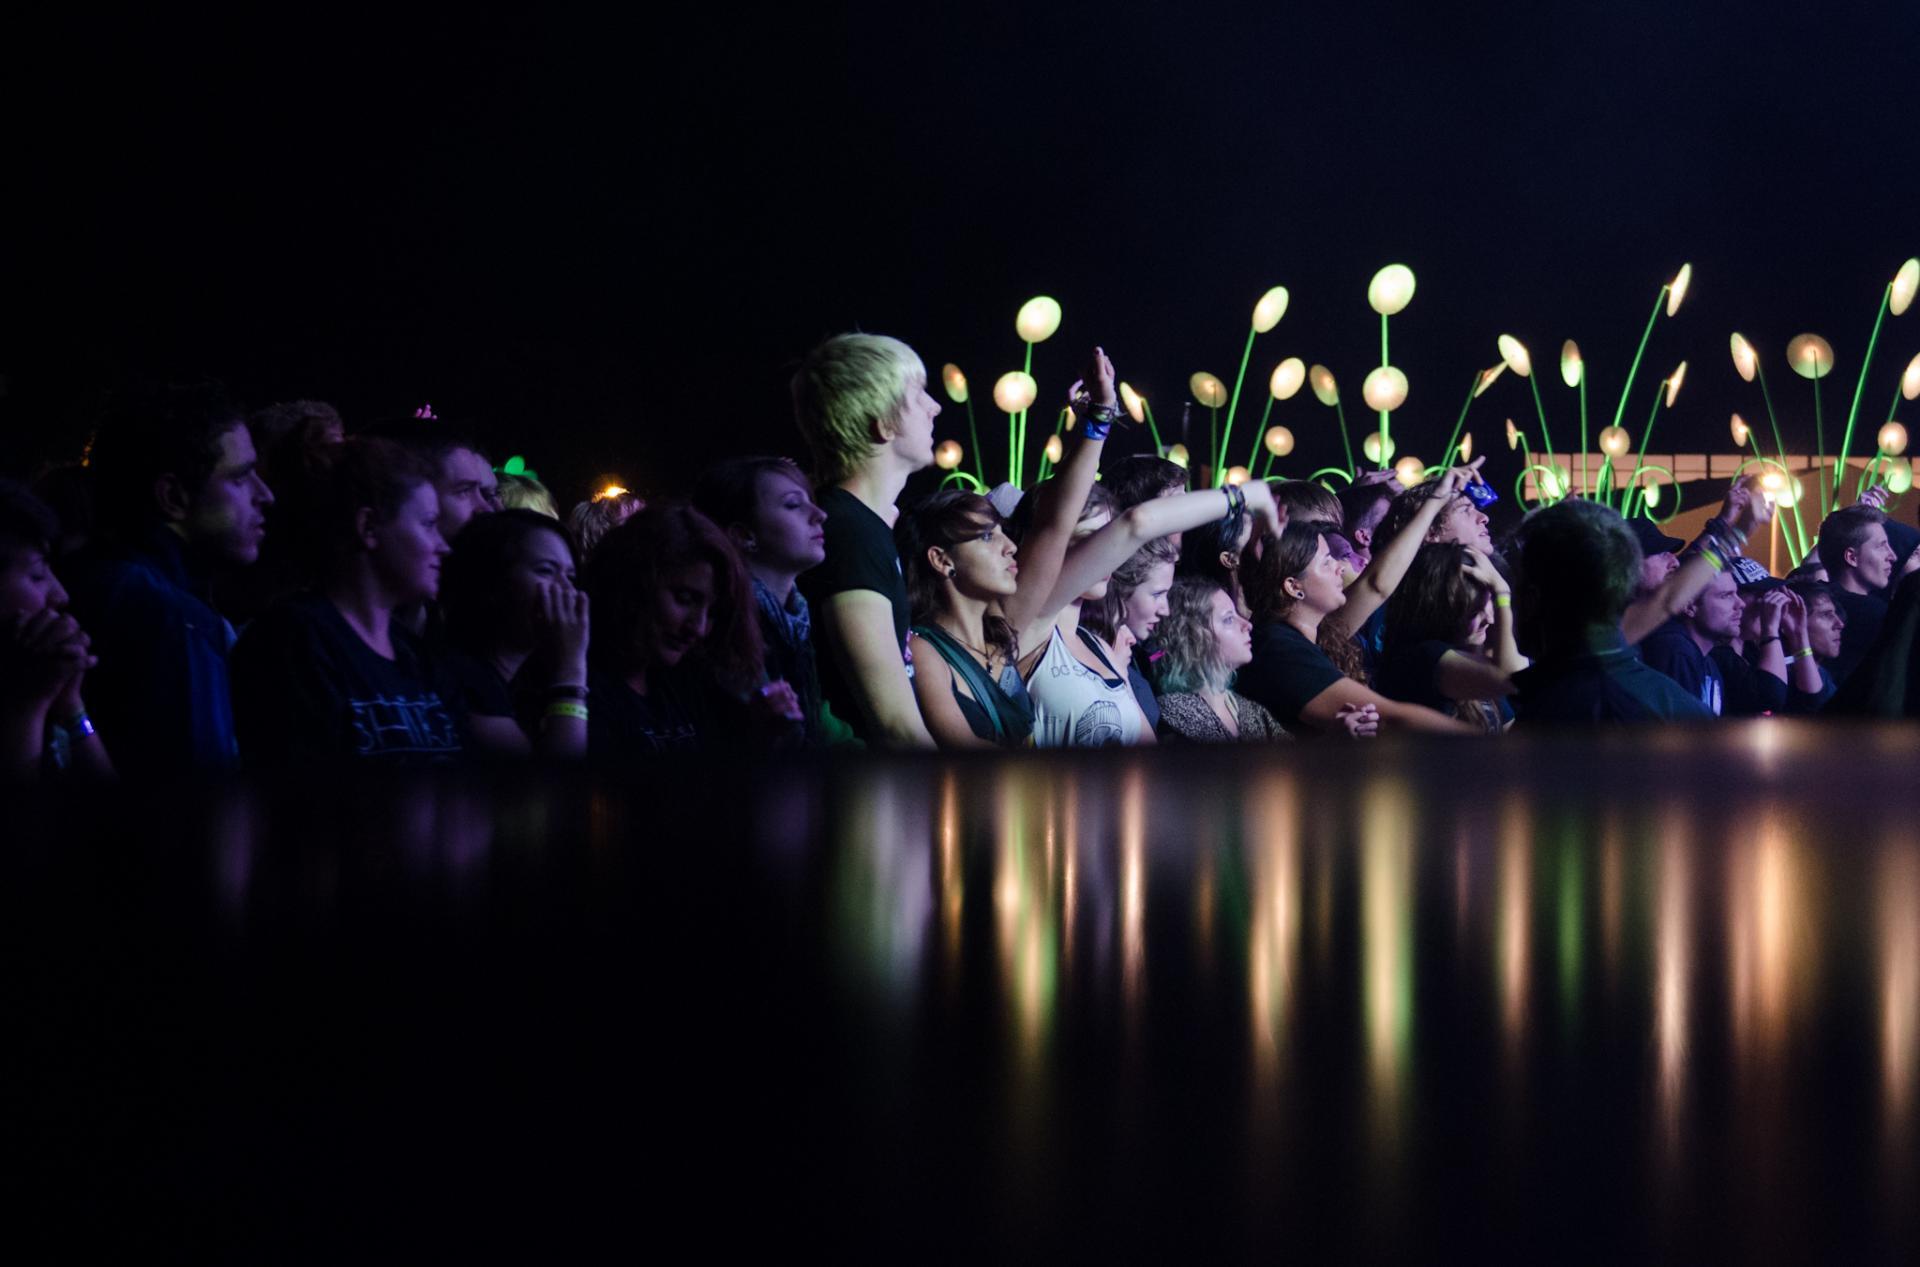 Concert fluo